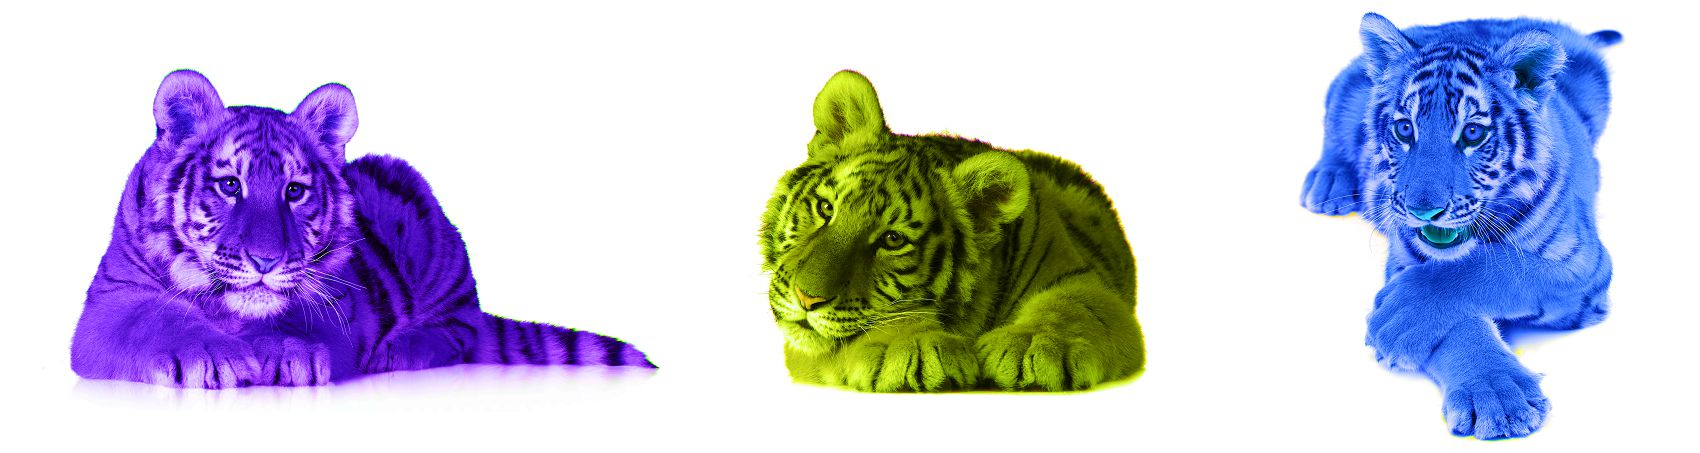 Три тигра на белом фоне